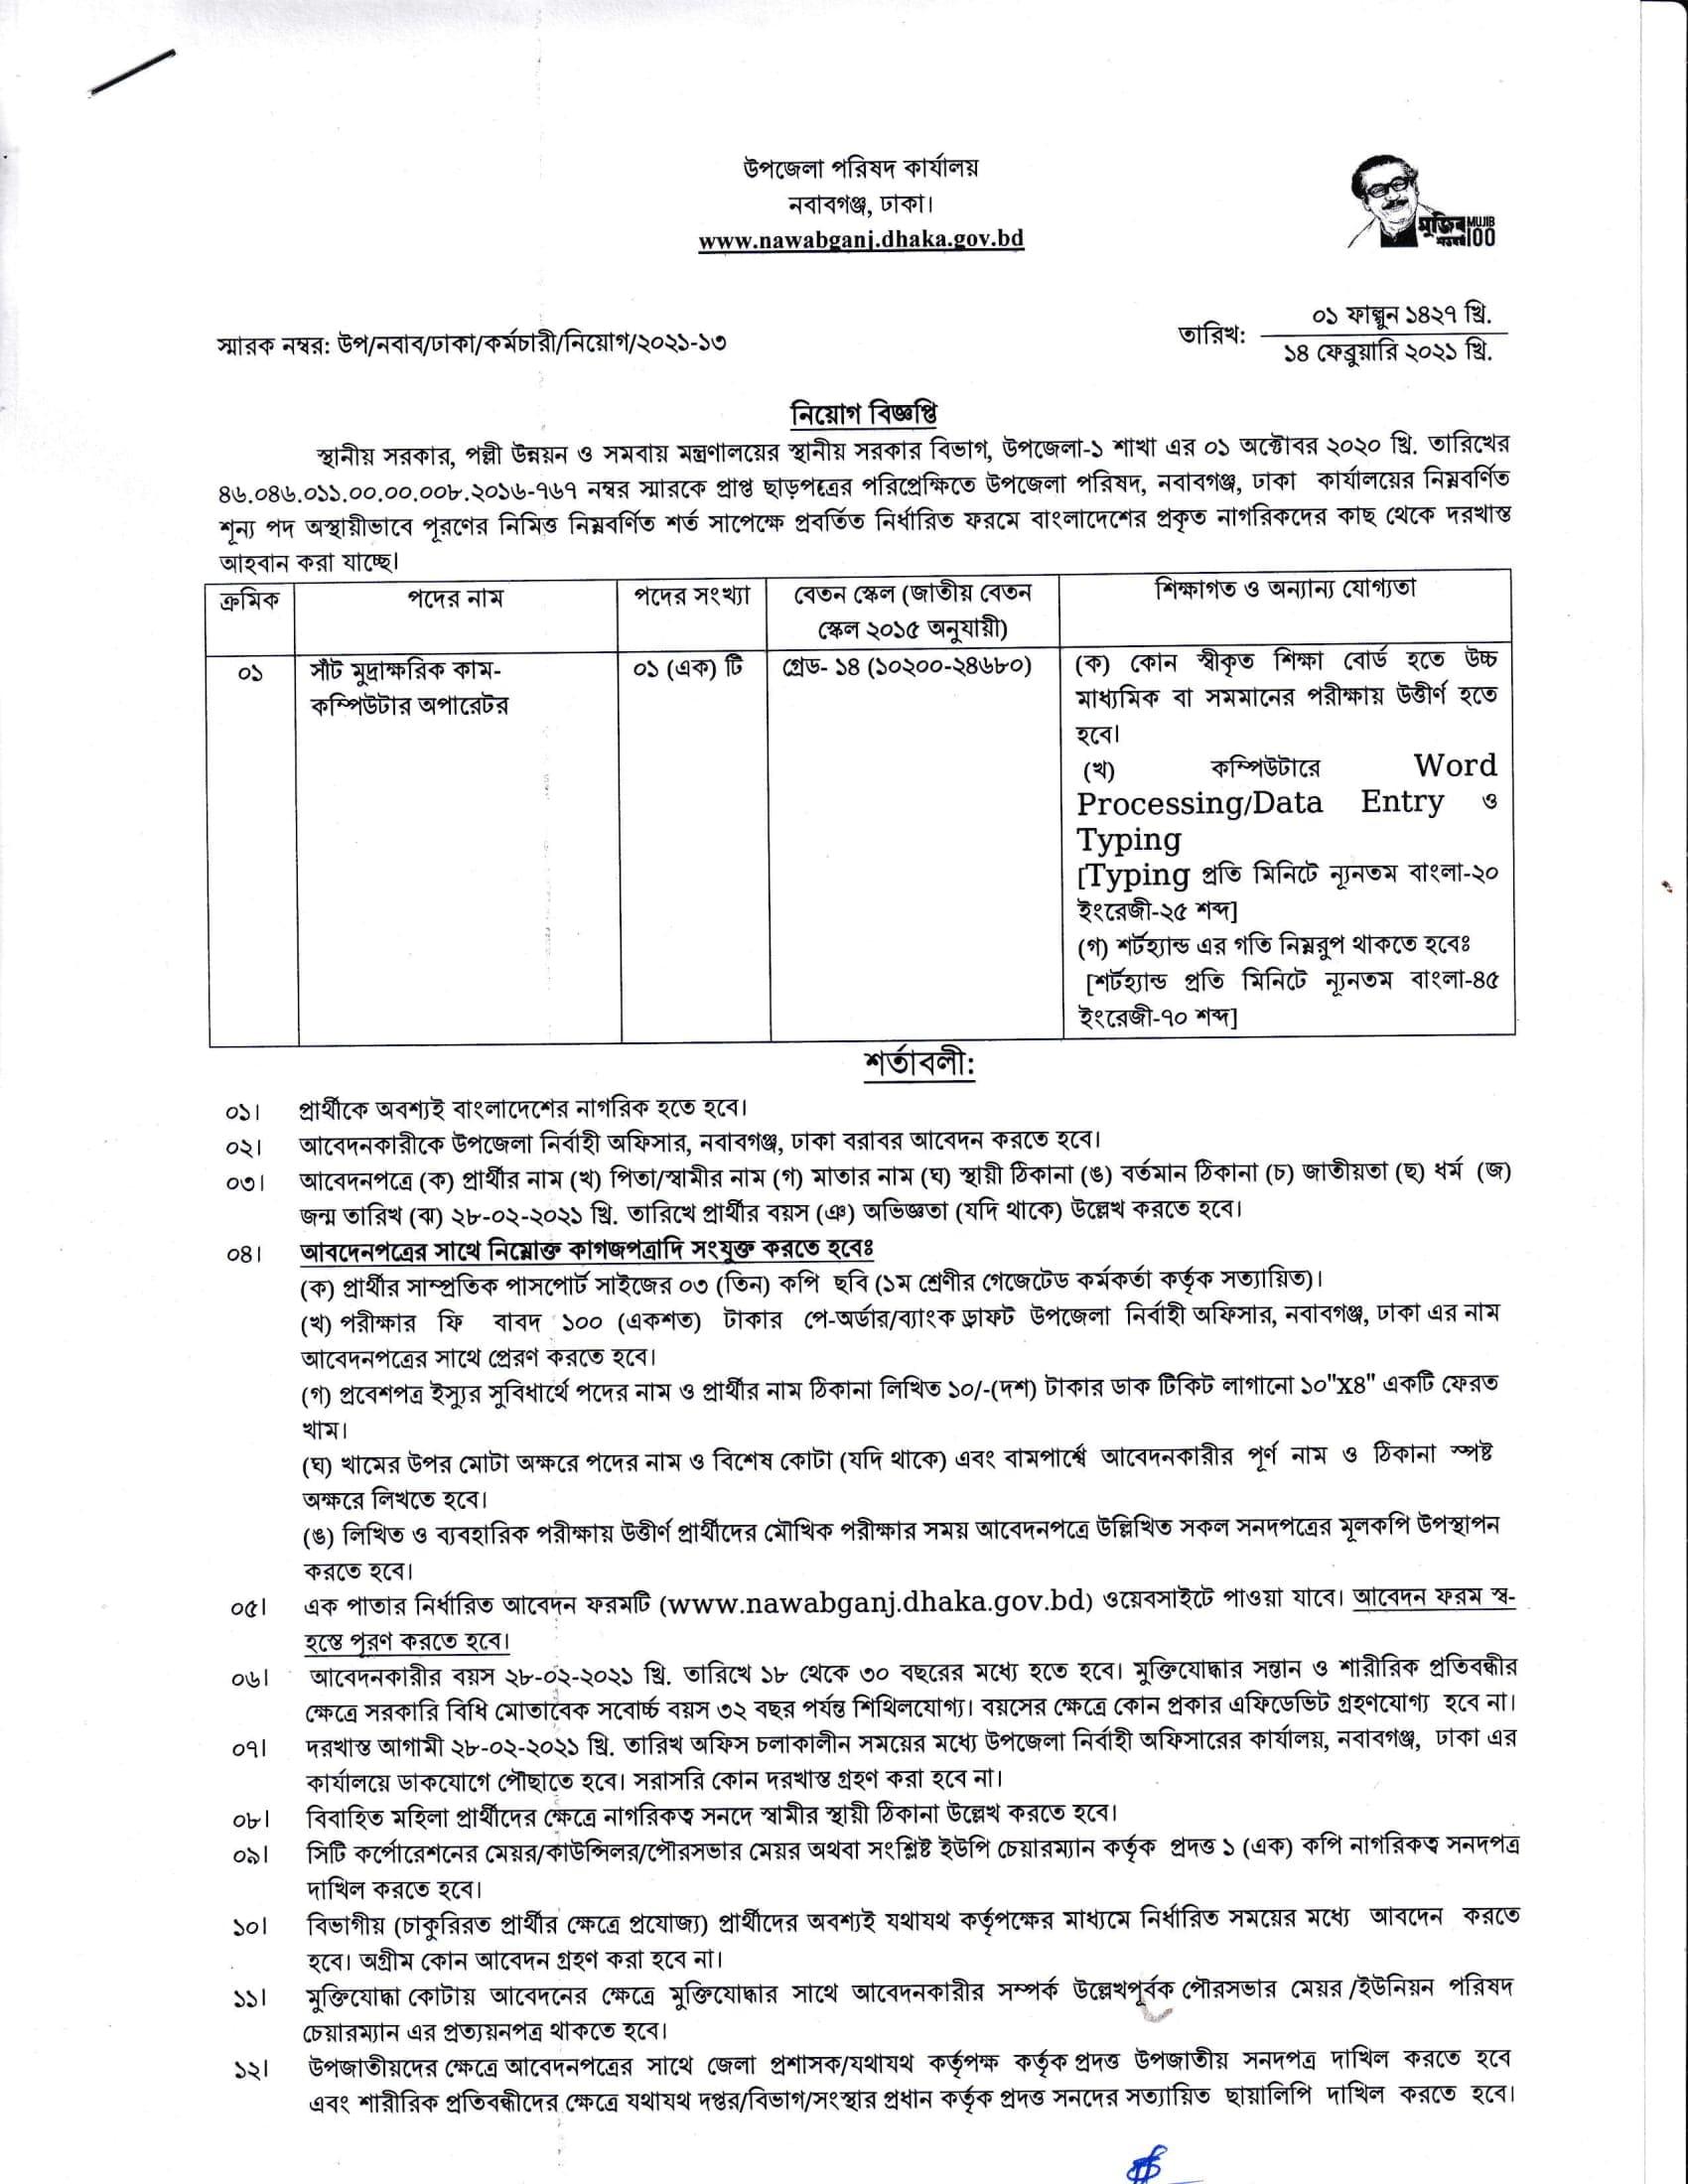 Dhaka Nawabganj Upazila Parishad Job Circular 2021